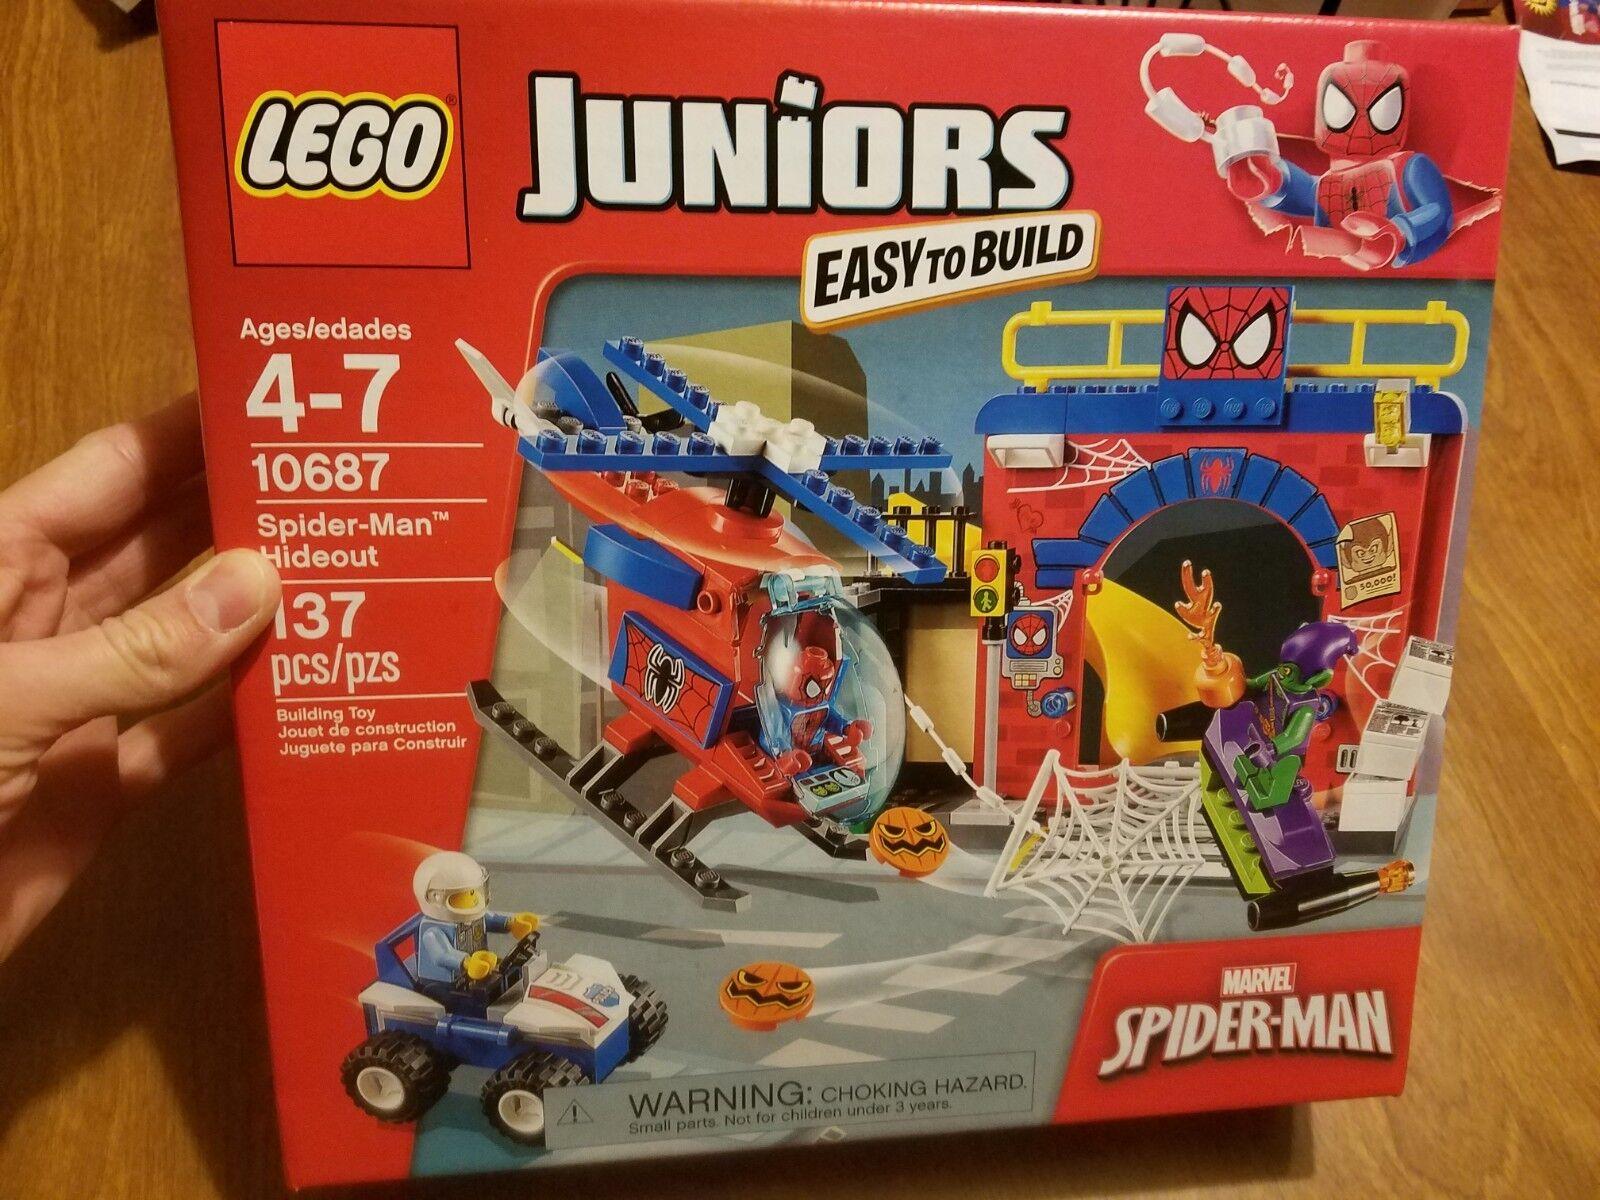 LEGO Juniors 10687 Spider-Man Hideout Âges 4-7 tout nouveau retraité   design simple et généreux